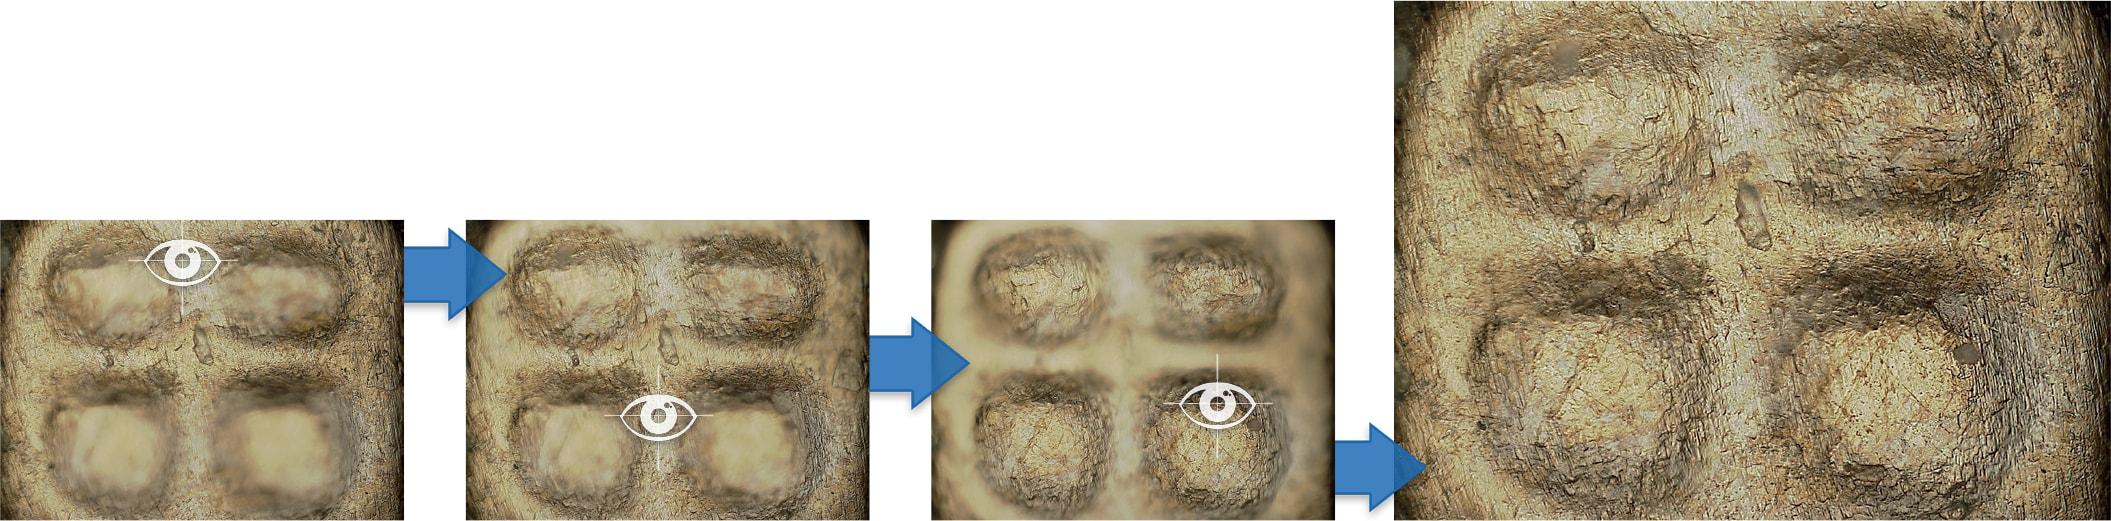 Foco automático microscópio hirox